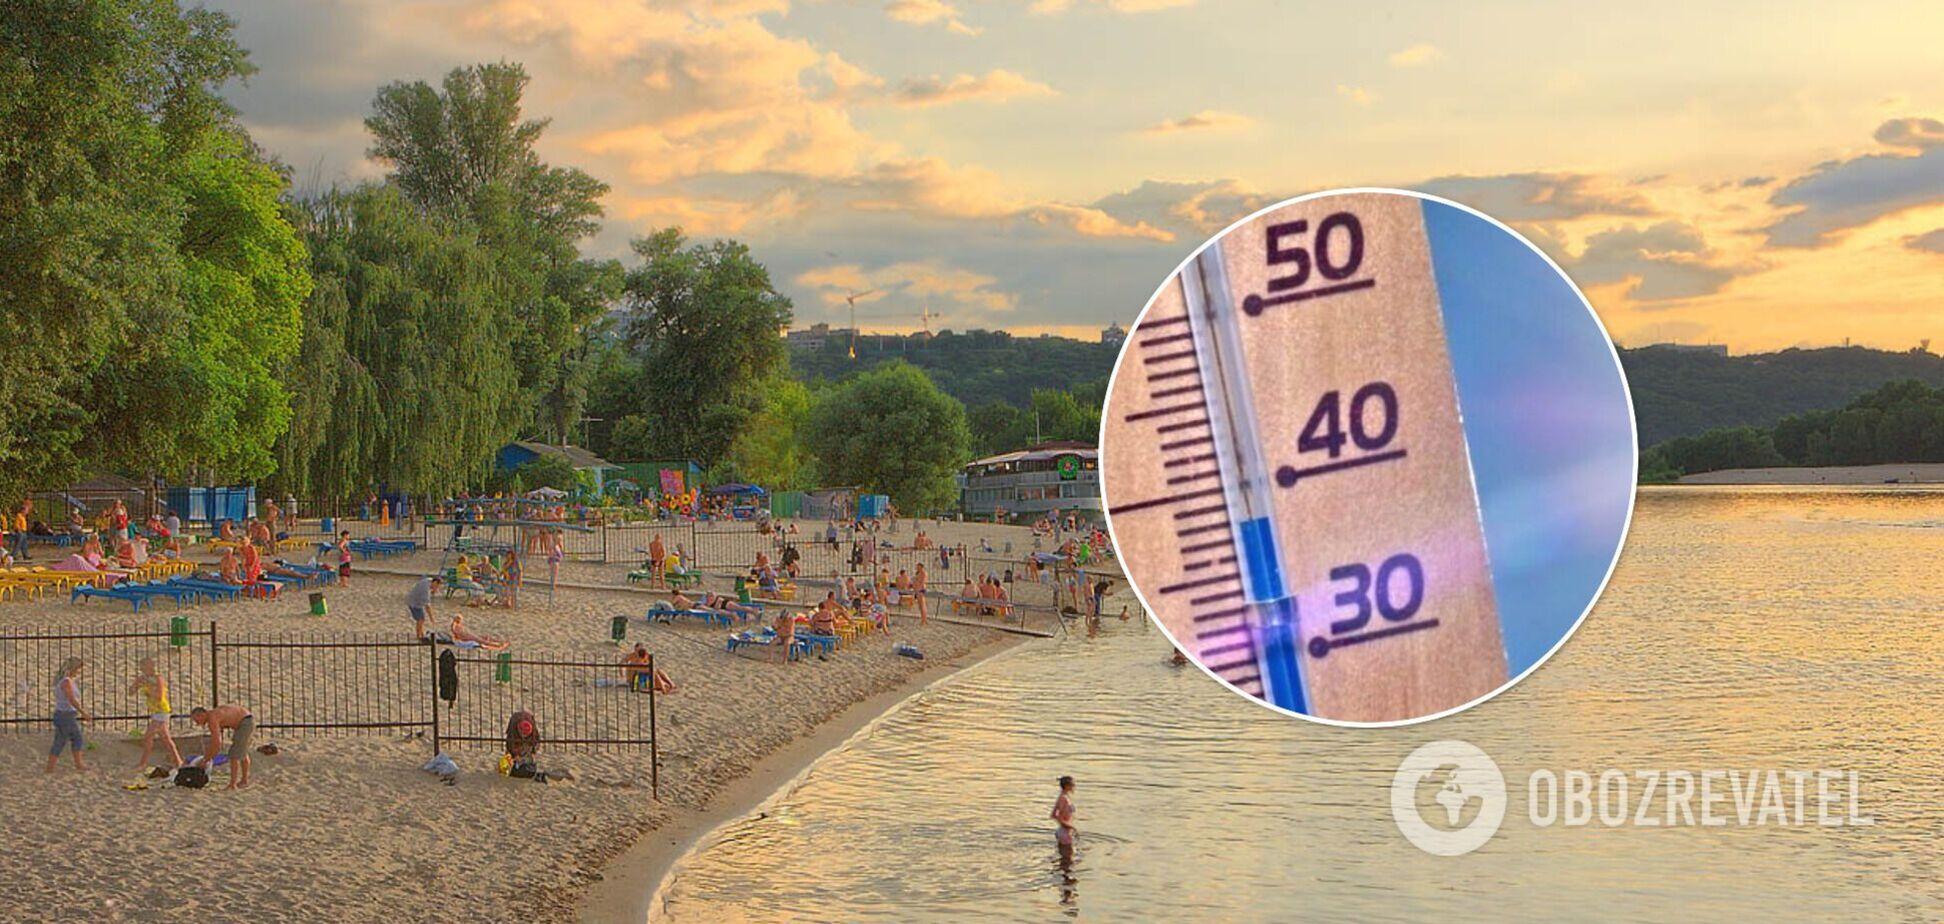 Июнь оказался на втором месте среди самых теплых с 1891 года